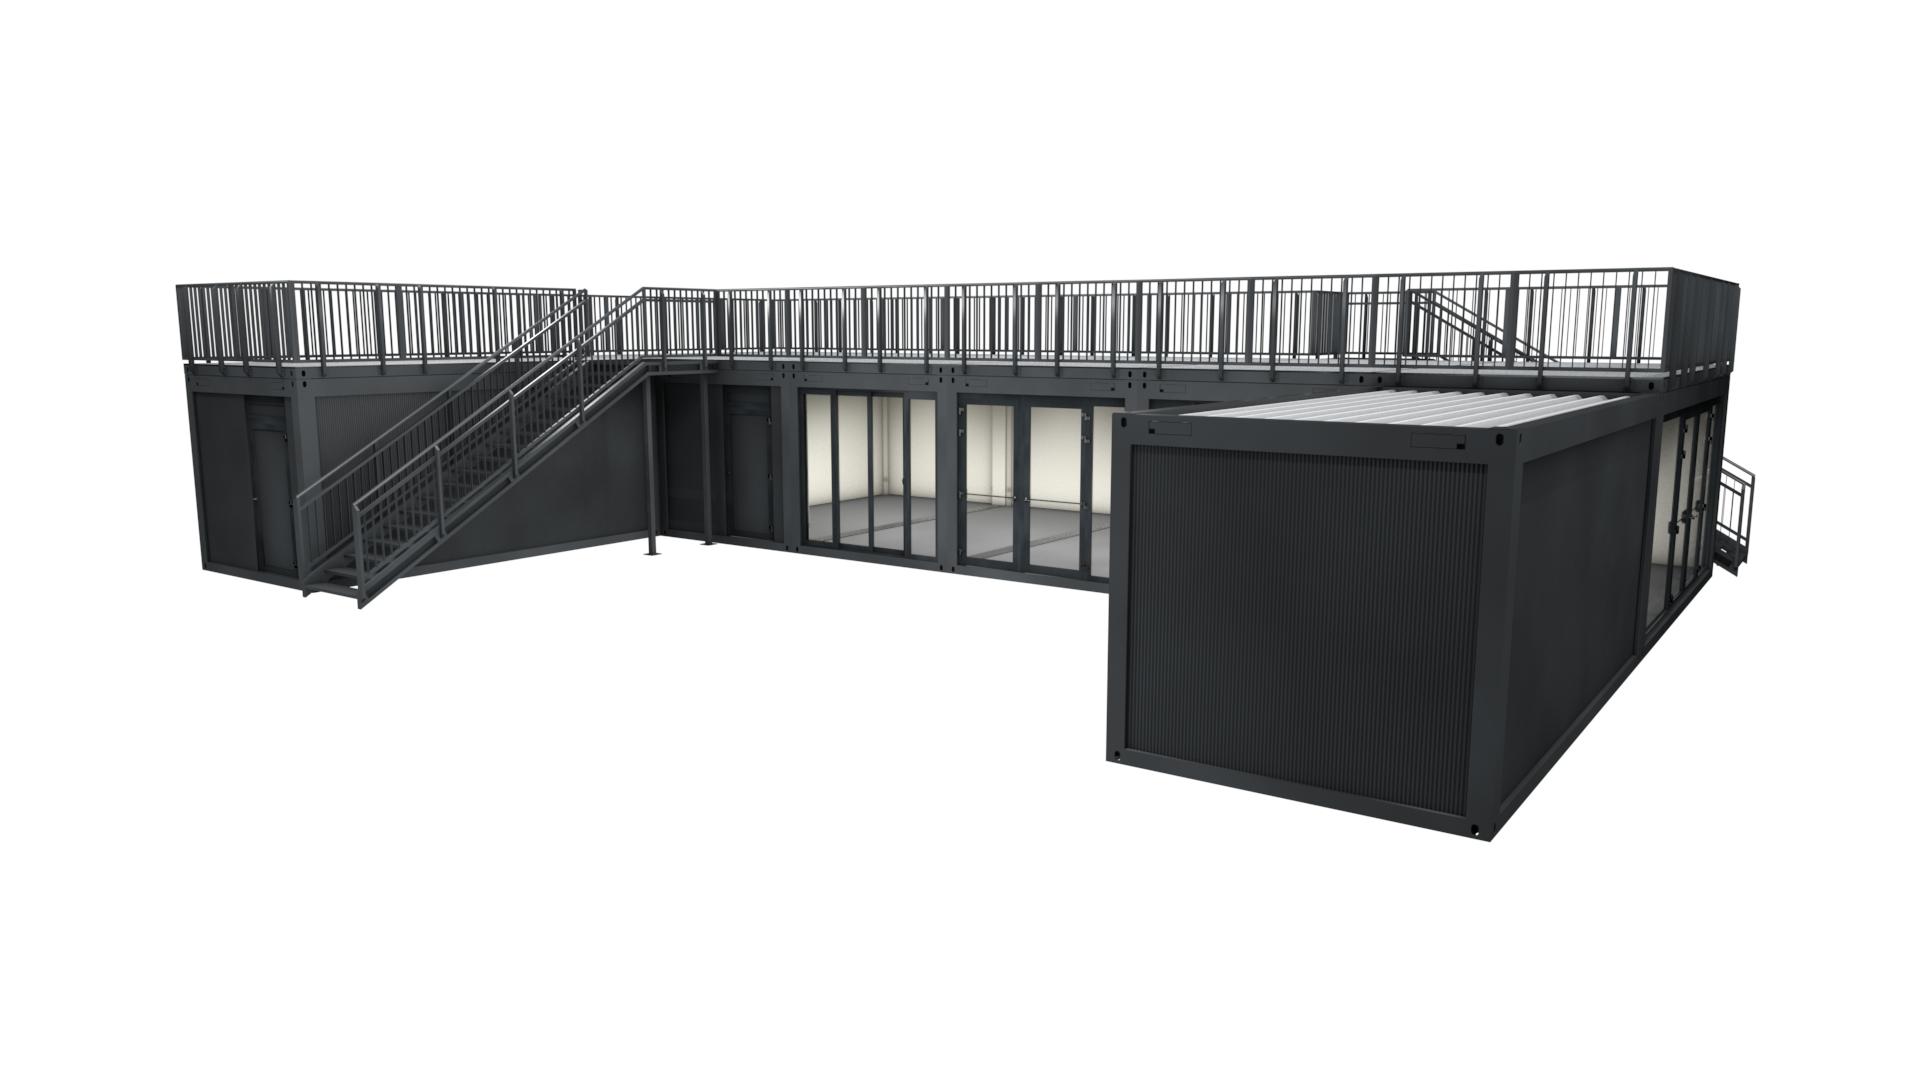 Premium Container M 33 - Ansicht 1